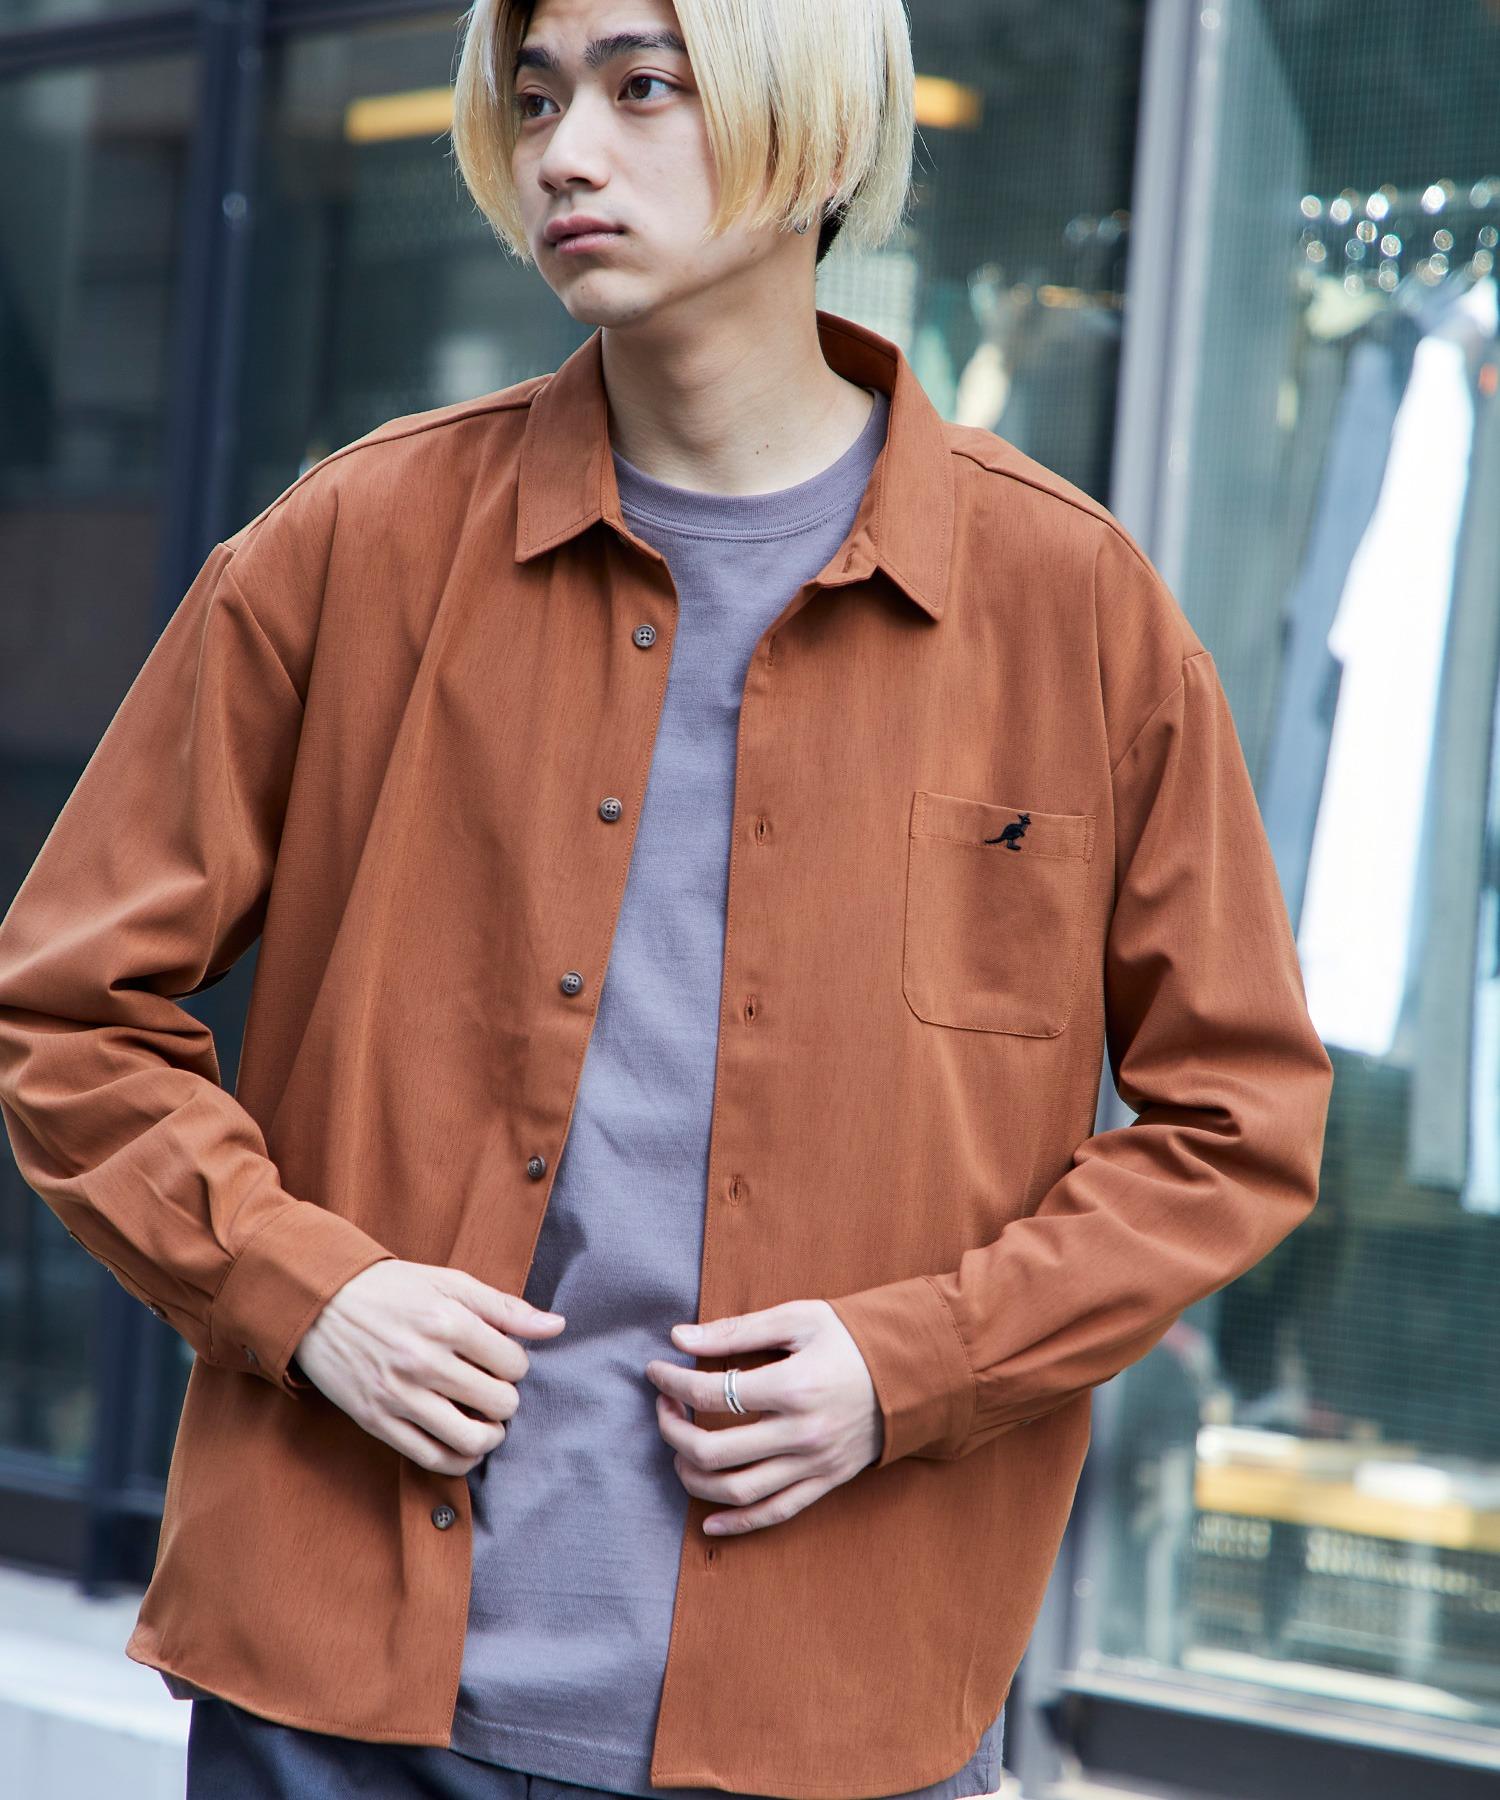 KANGOL/カンゴール 別注 L/S オーバーサイズレギュラーカラーシャツ(2019AW)